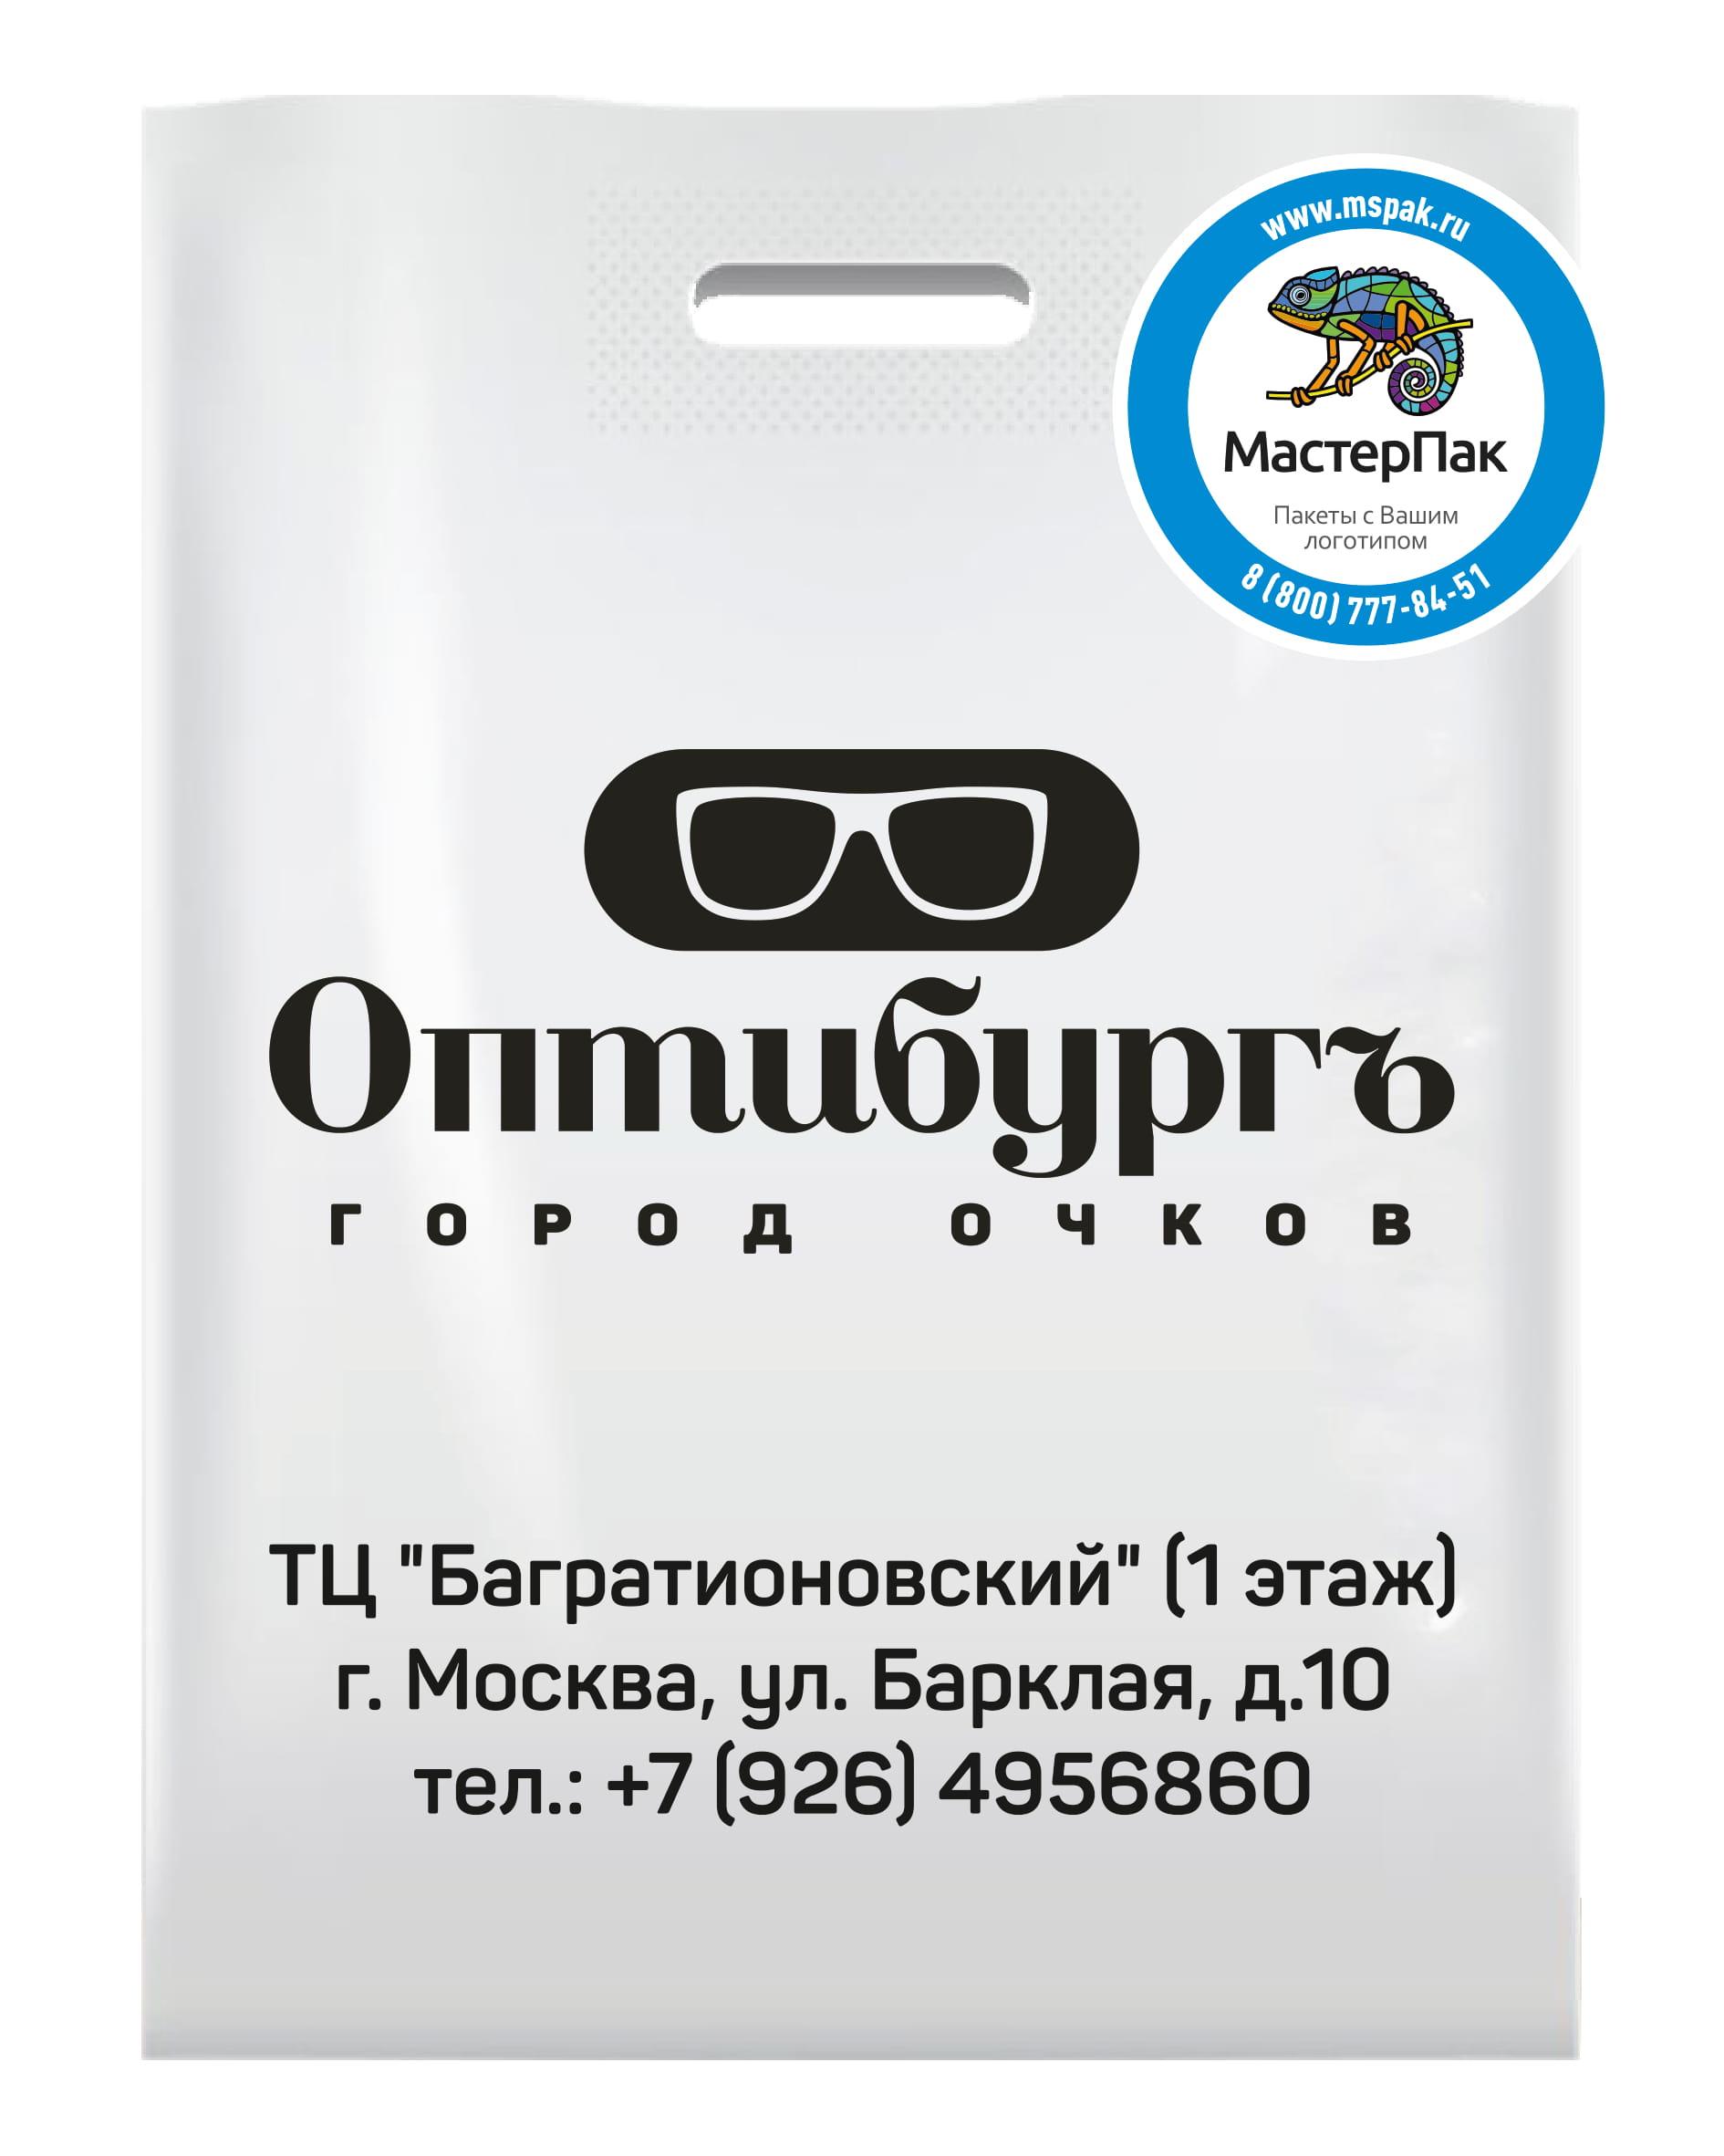 Пакет ПВД с логотипом сети оптик Оптибургъ, вырубная ручка, 70 мкм, Москва